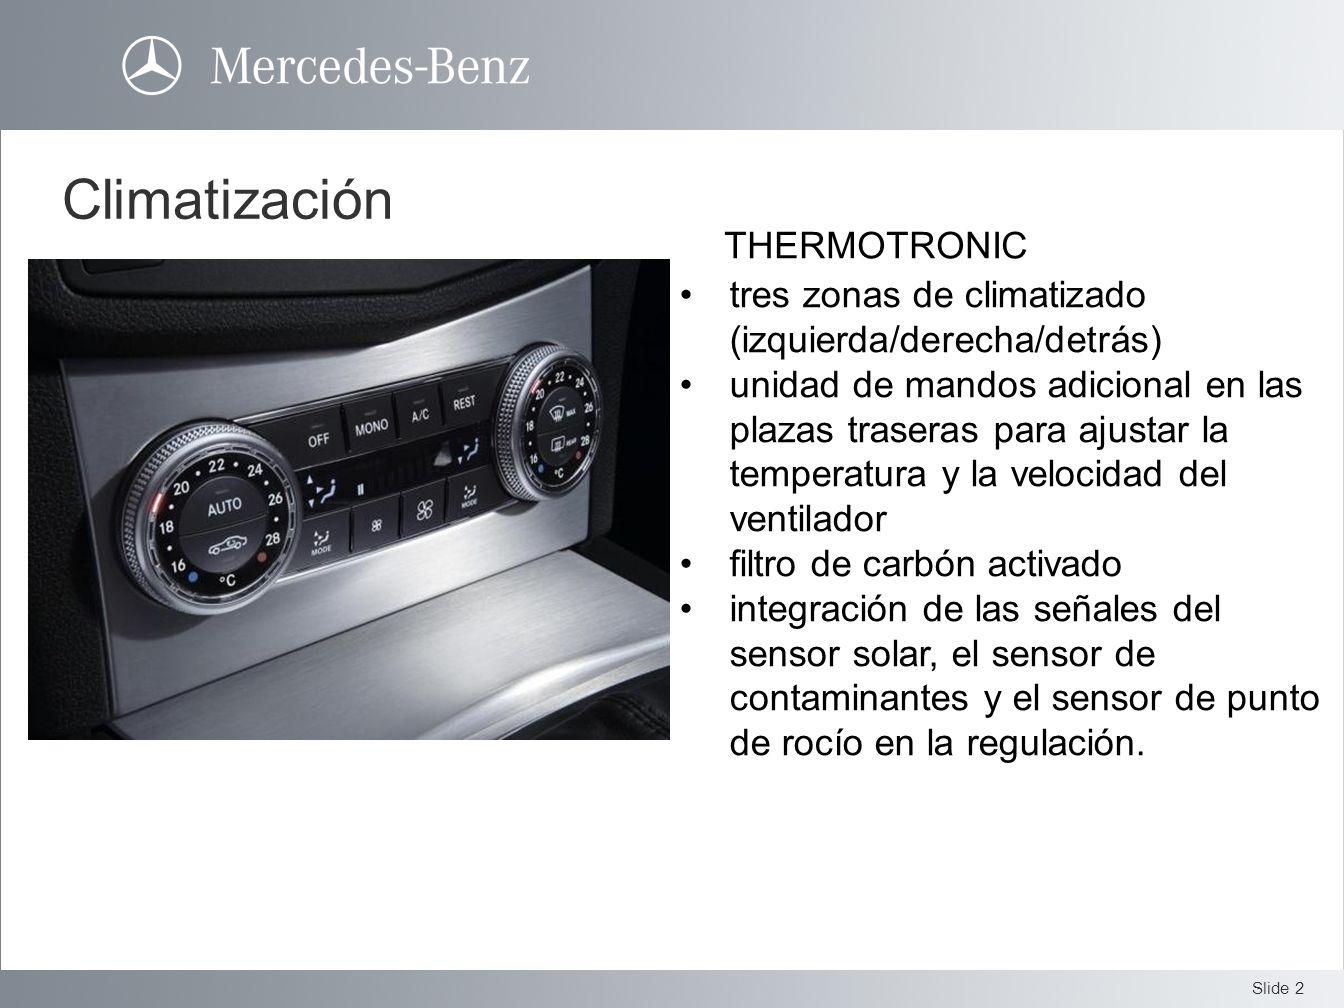 Slide 2 Climatización THERMOTRONIC tres zonas de climatizado (izquierda/derecha/detrás) unidad de mandos adicional en las plazas traseras para ajustar